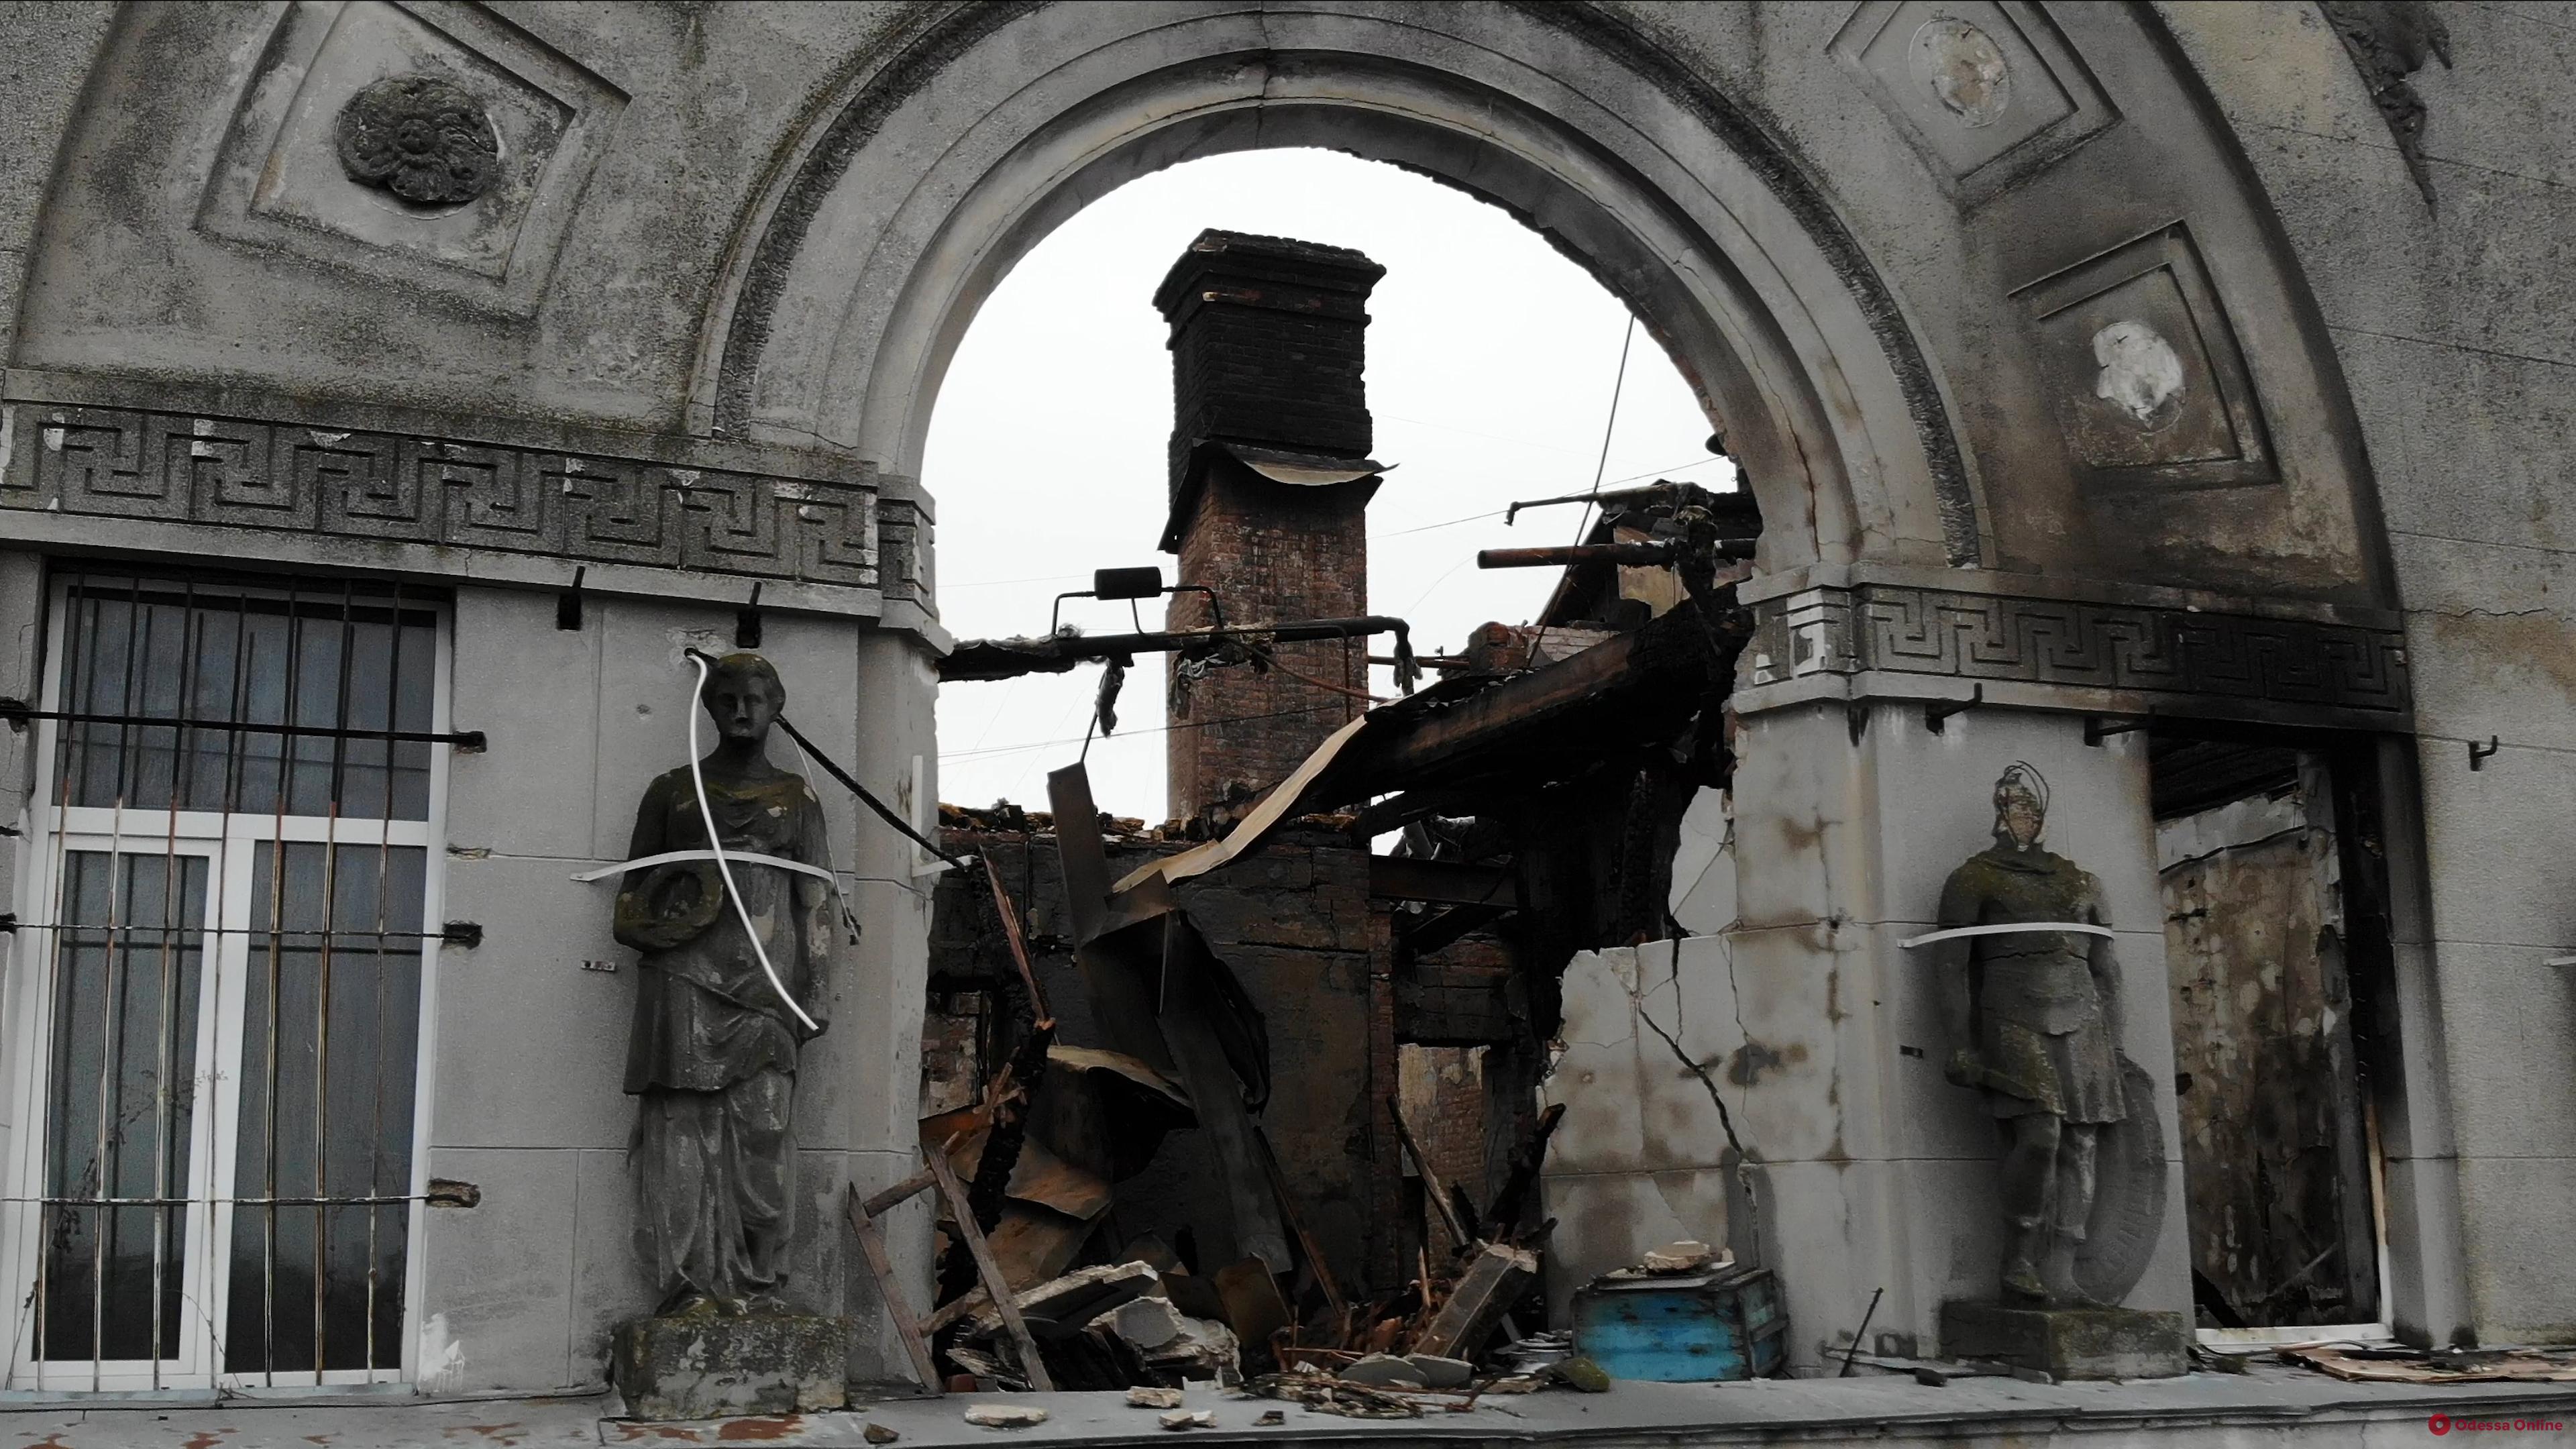 Спасатели будут разбирать завалы сгоревшего дома Асвадурова еще два дня (фото с квадрокоптера)